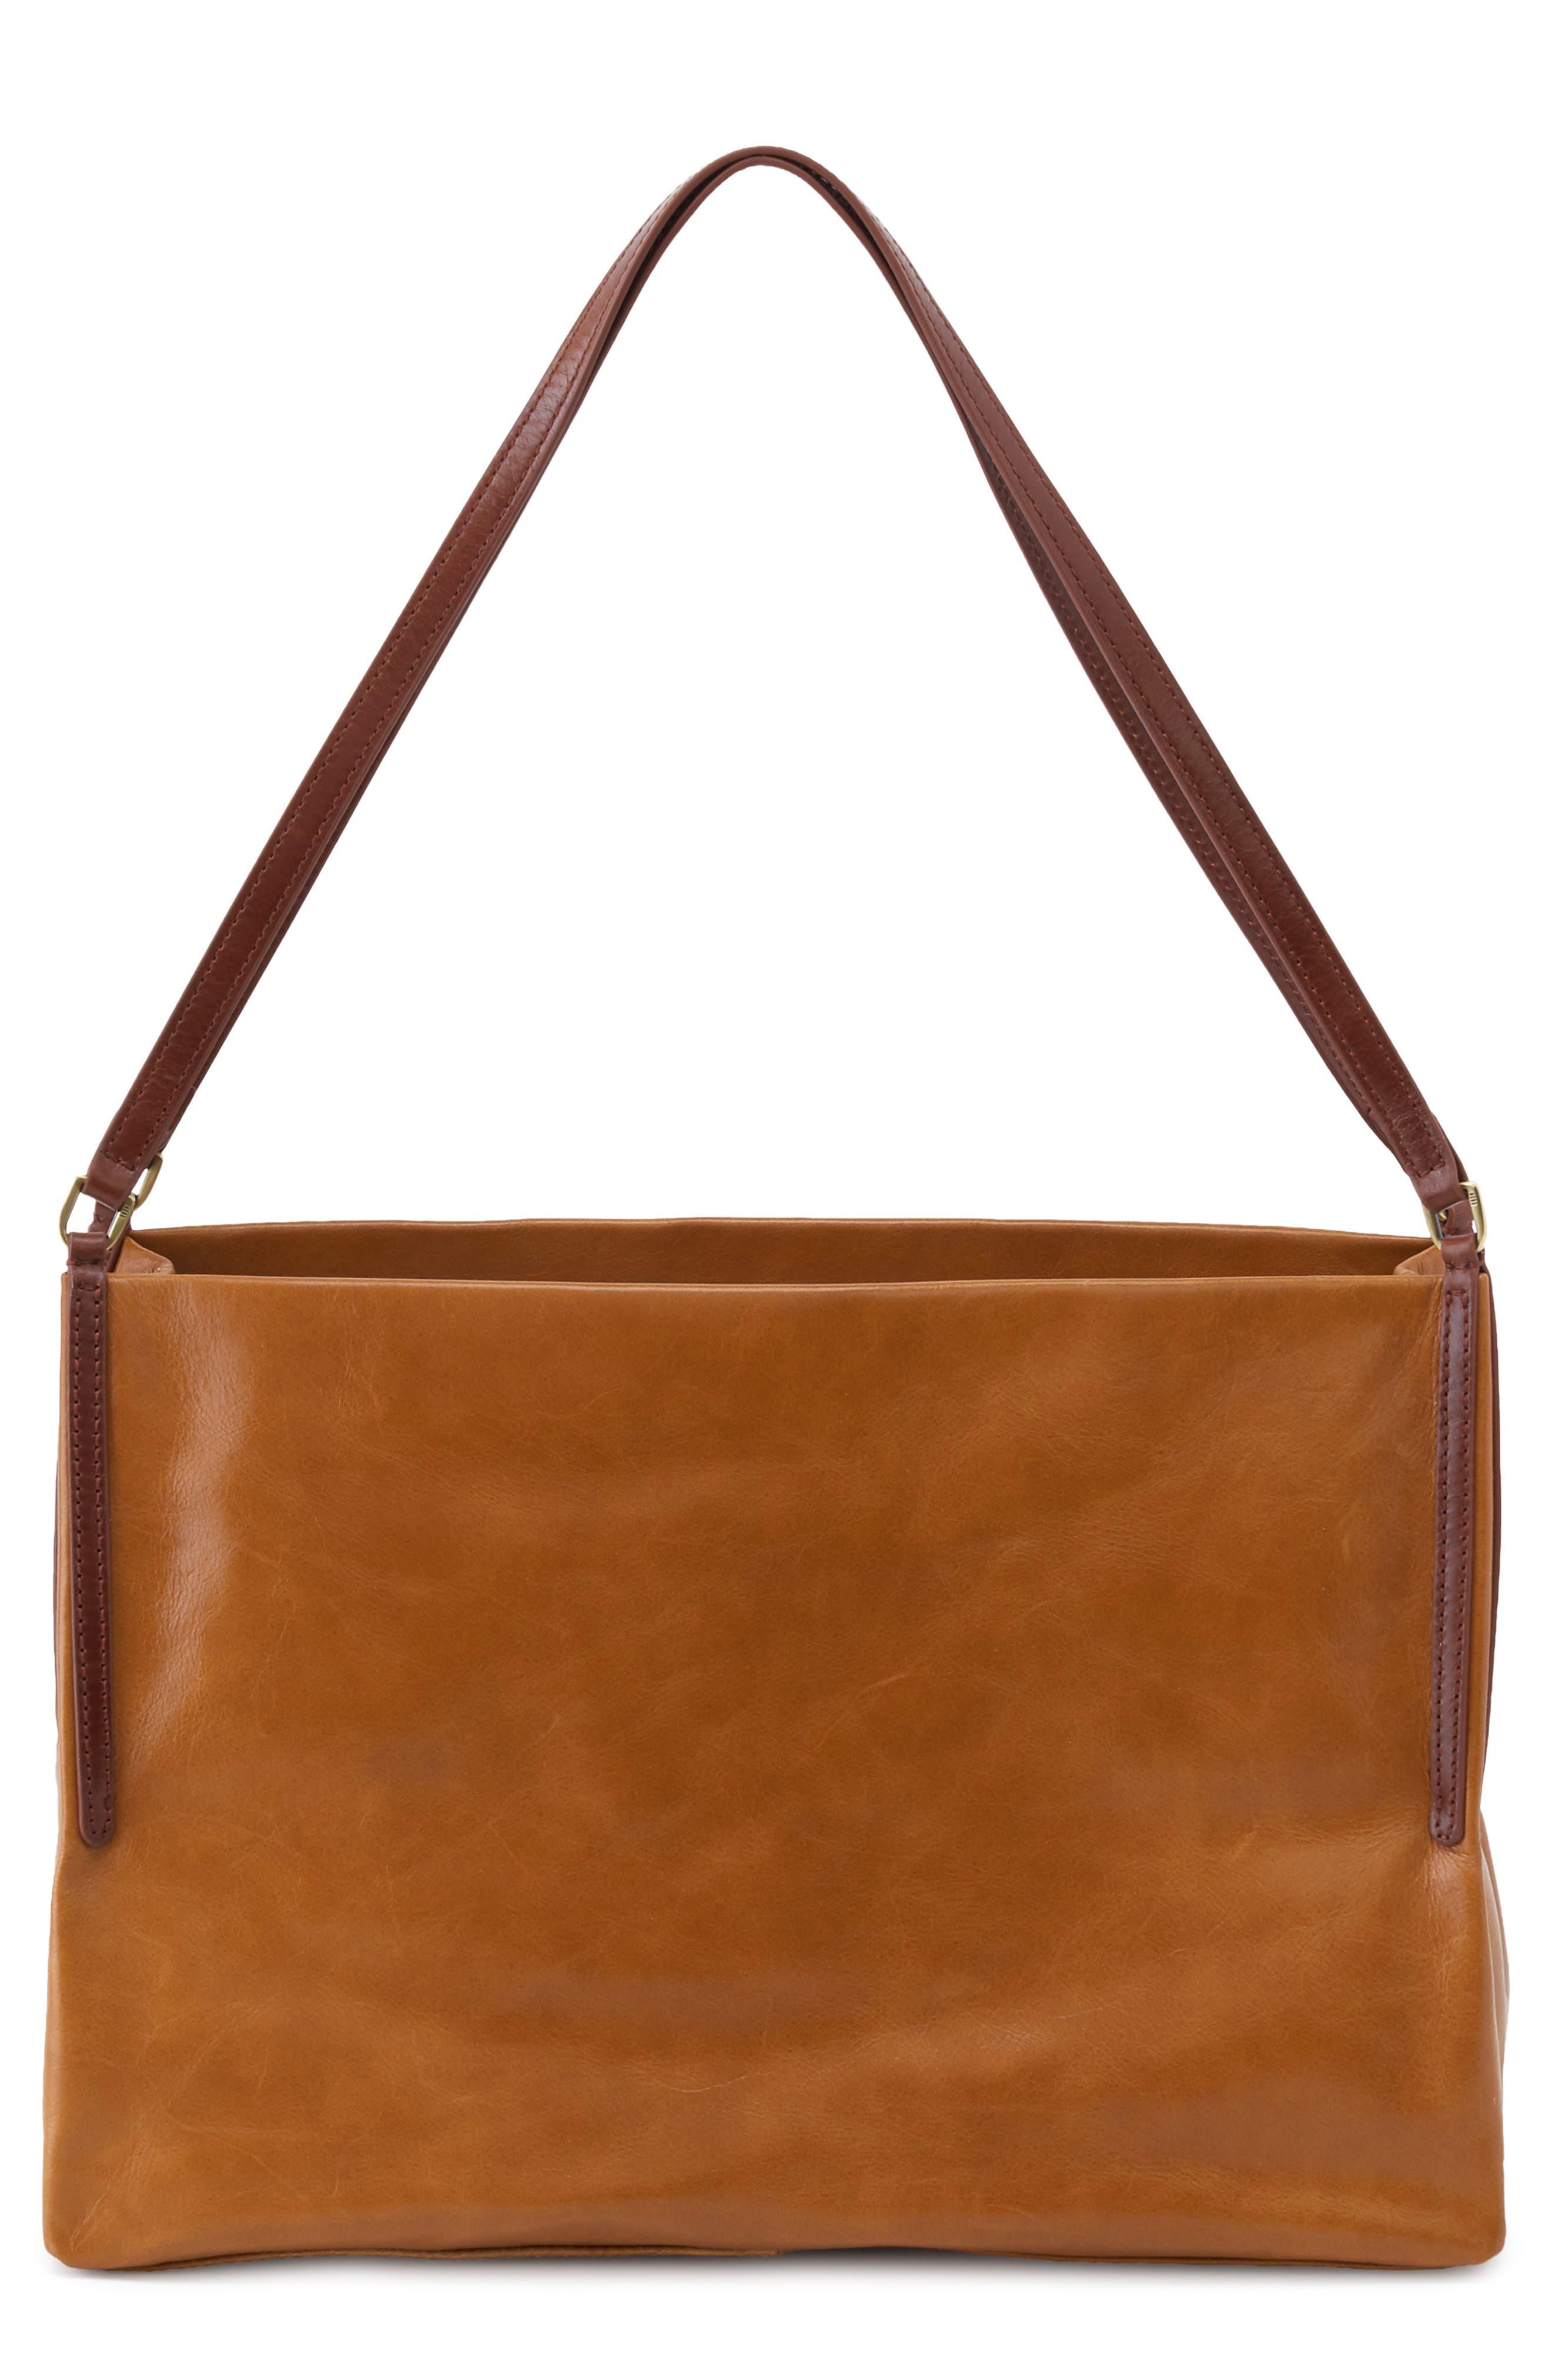 Bantam Leather Shoulder Bag